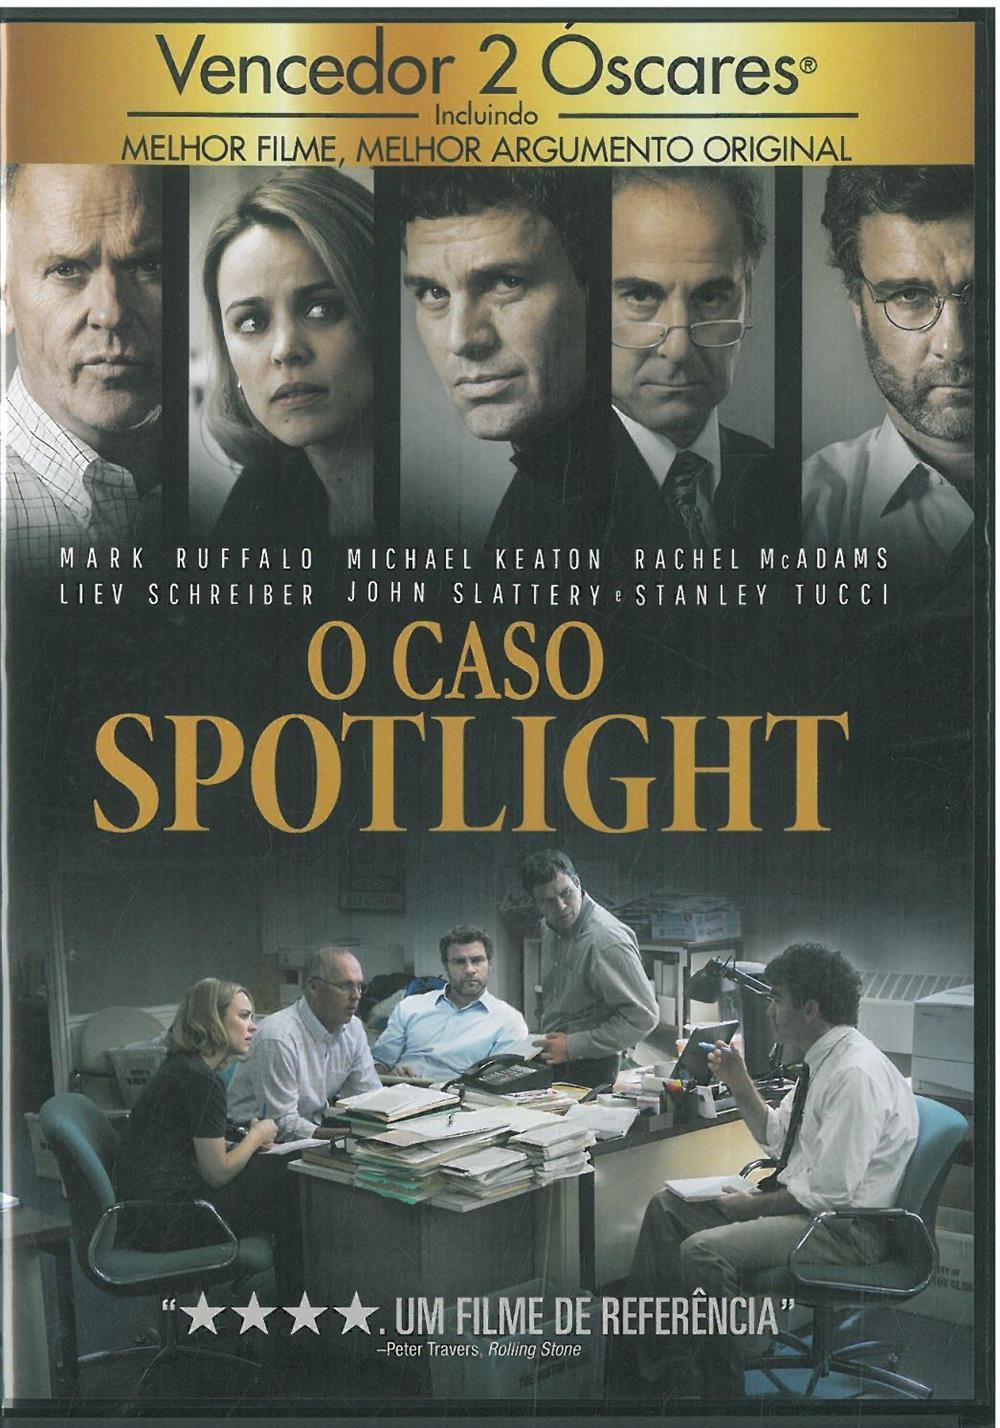 O caso spotlight_DVD.jpg